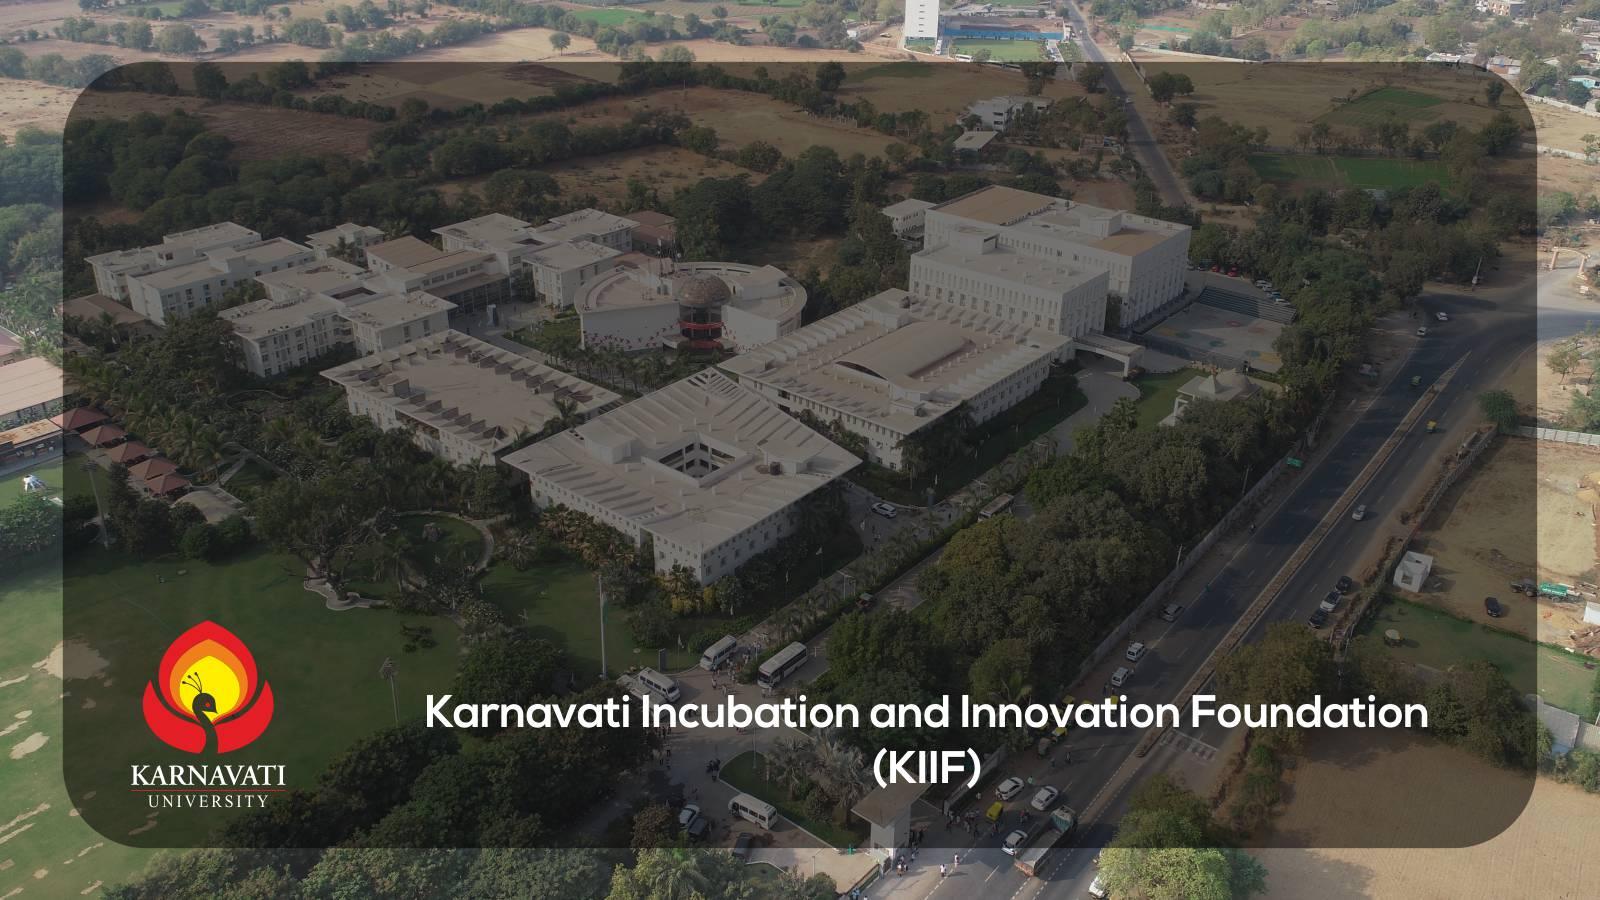 Karnavati Incubation and Innovation Foundation (KIIF) Image